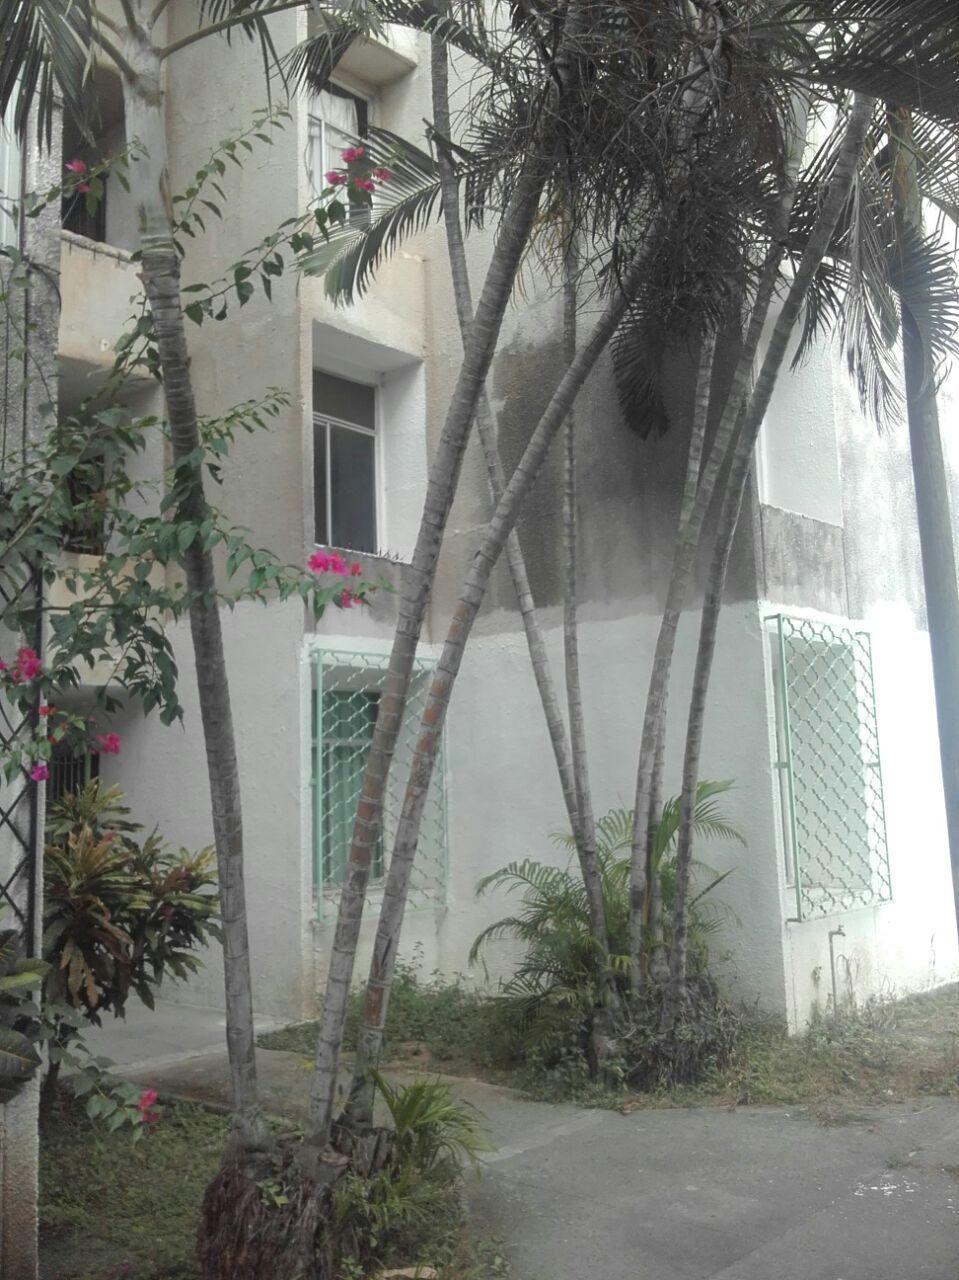 Departamento en Venta en Vallarta 750, Puerto Vallarta